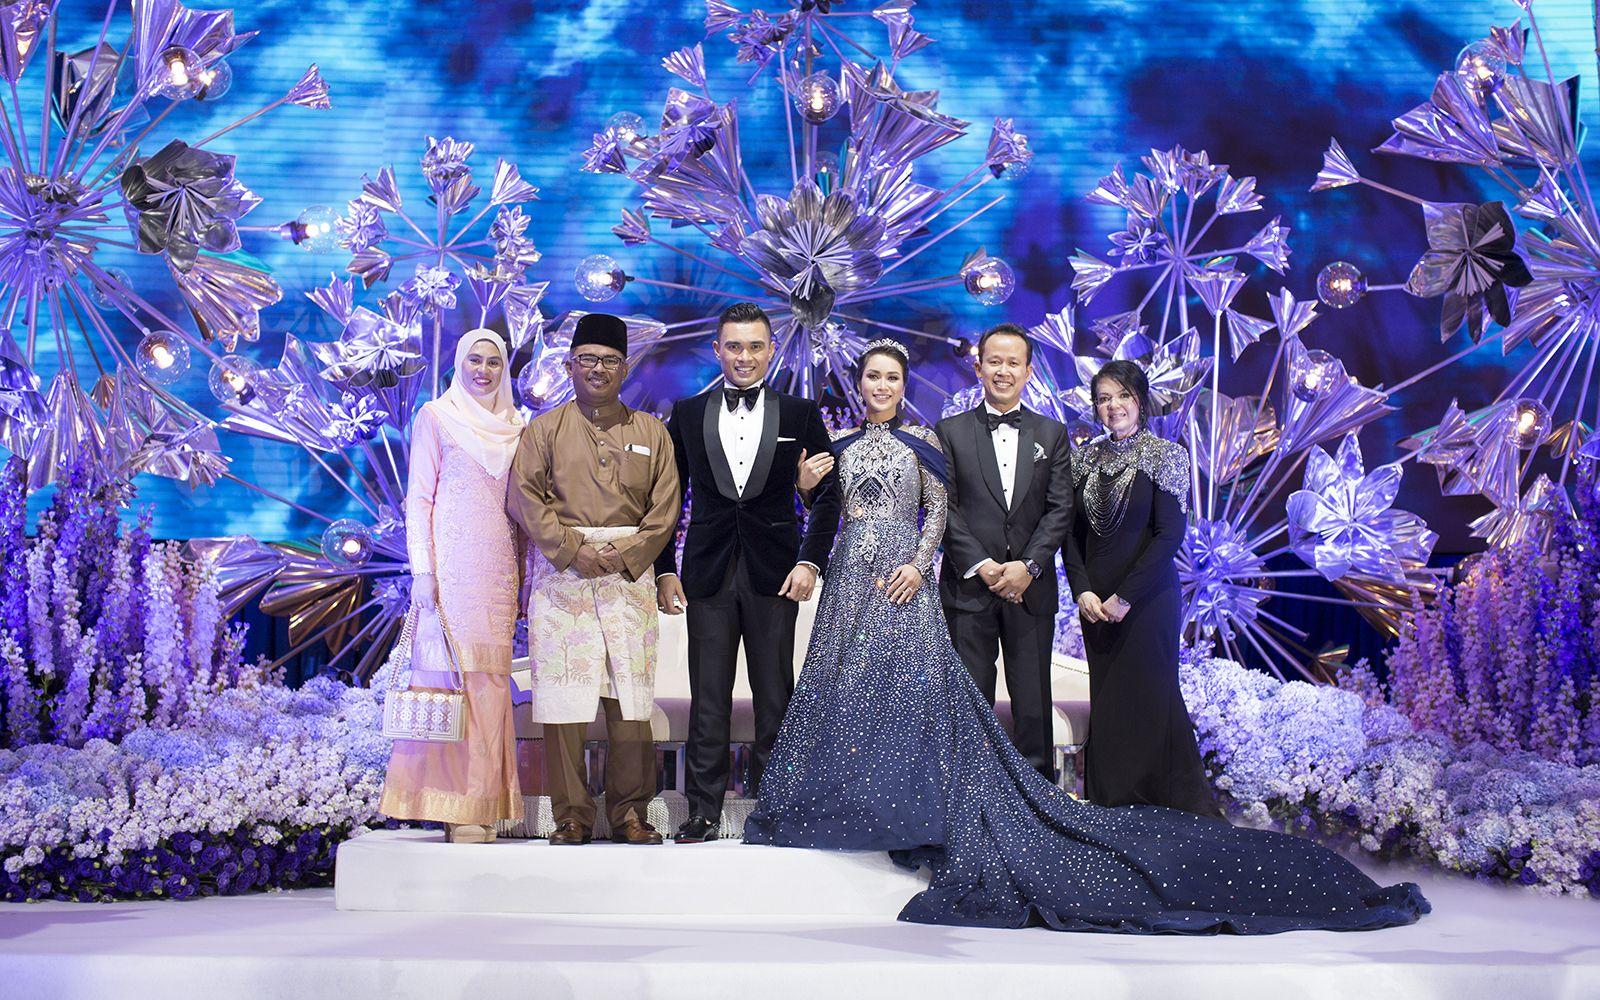 Datin Seri Fadillah Abdullah, Datuk Seri Utama Ir. Idris Haron, Dr Farid Razali, Dr Fazliana Abd Rashid, Dato' Abdul Rashid Jabir and Dato' Farisah Mohd Farid